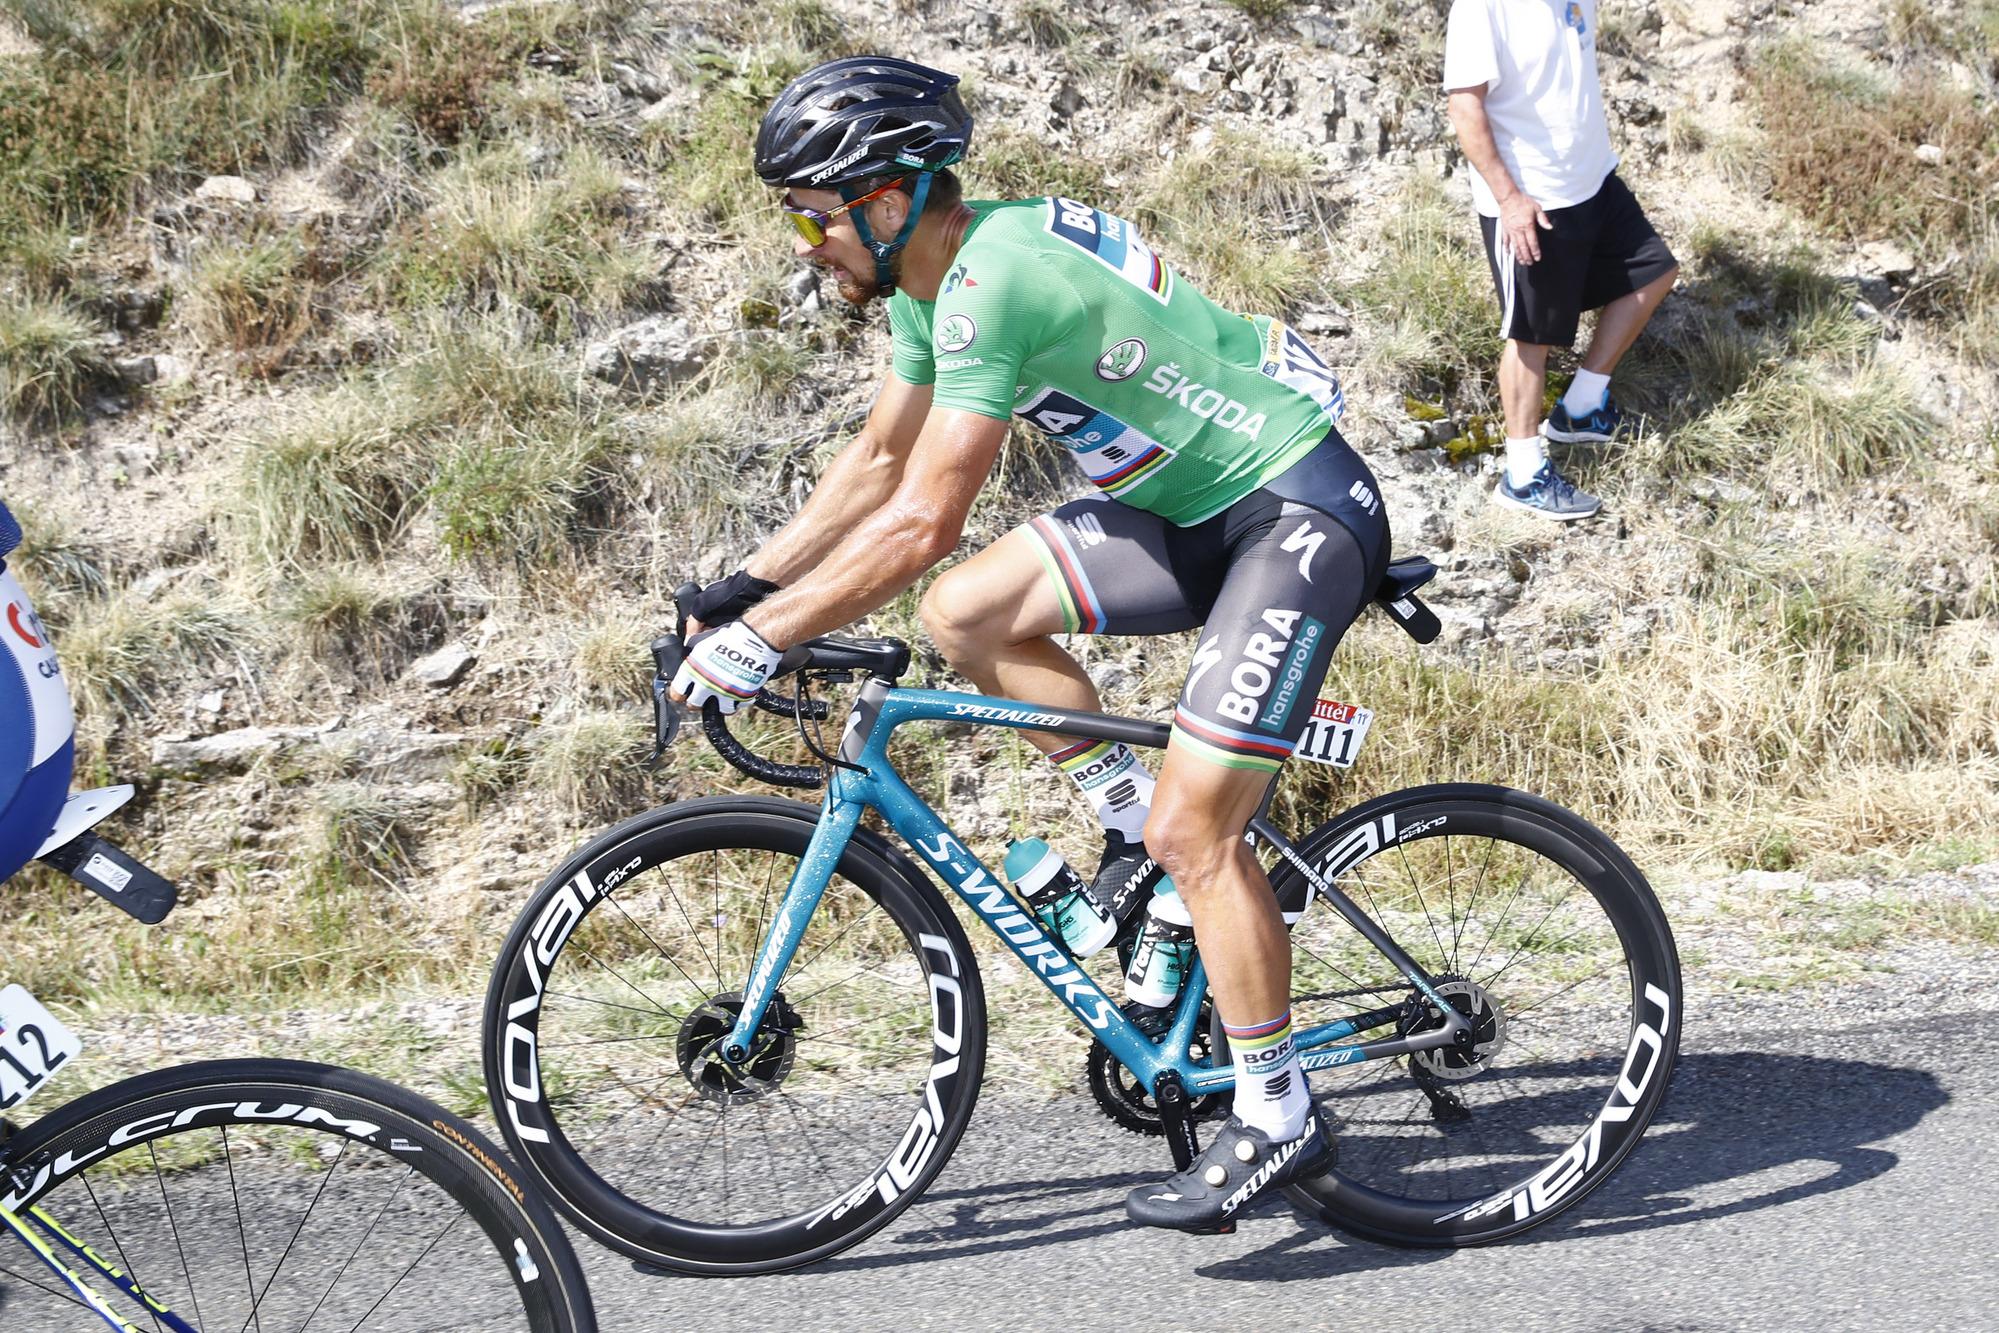 Sprint Points Tour De France